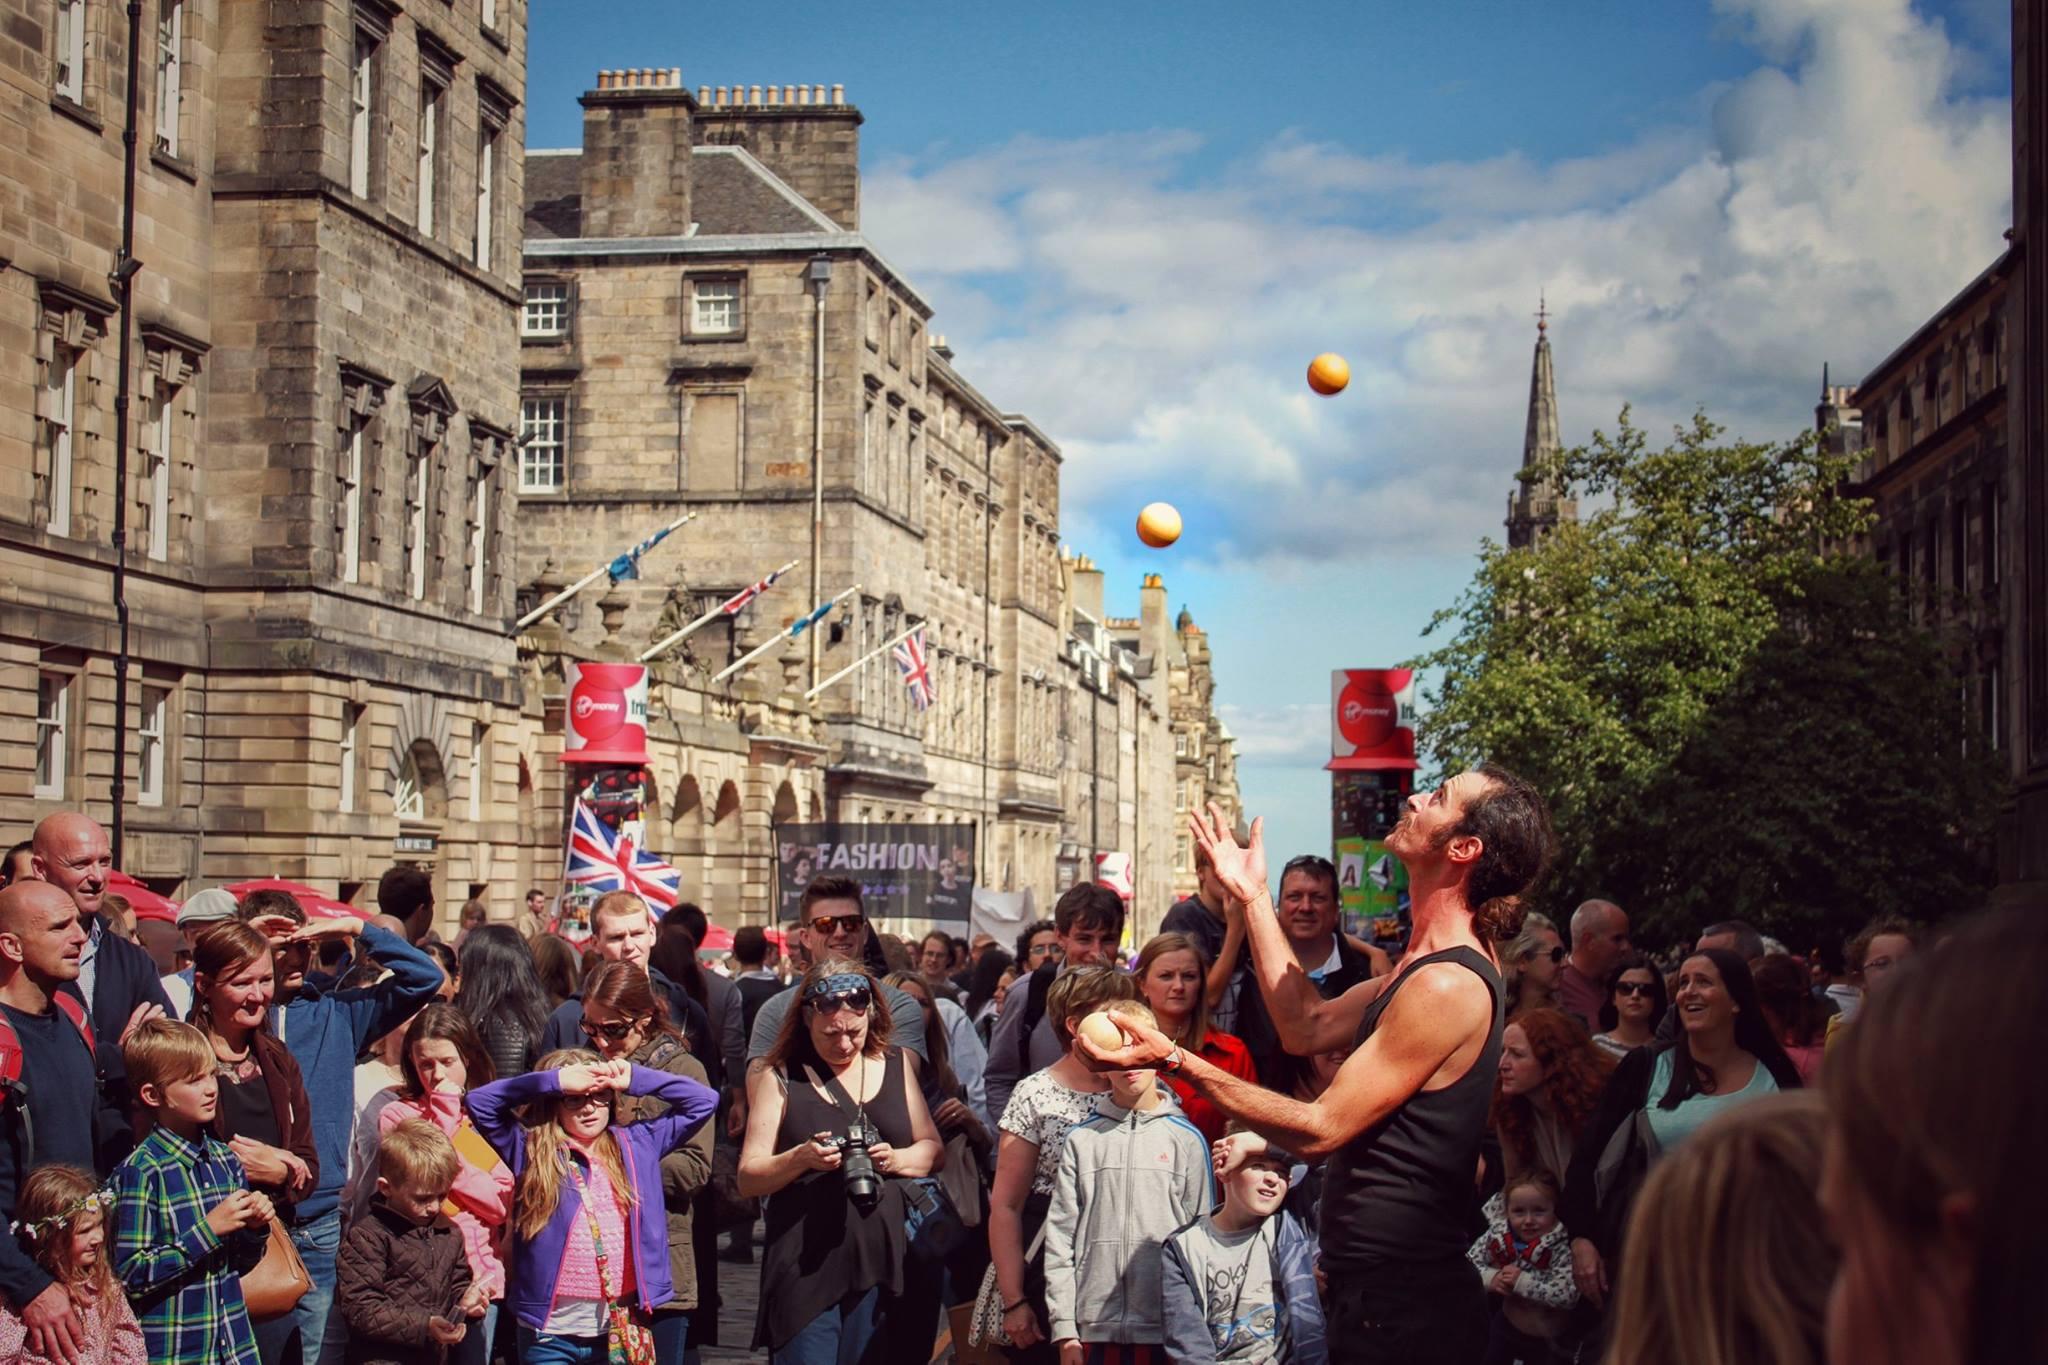 【遊活動】融合英倫風情與草根精神的英國「愛丁堡國際藝穗節」